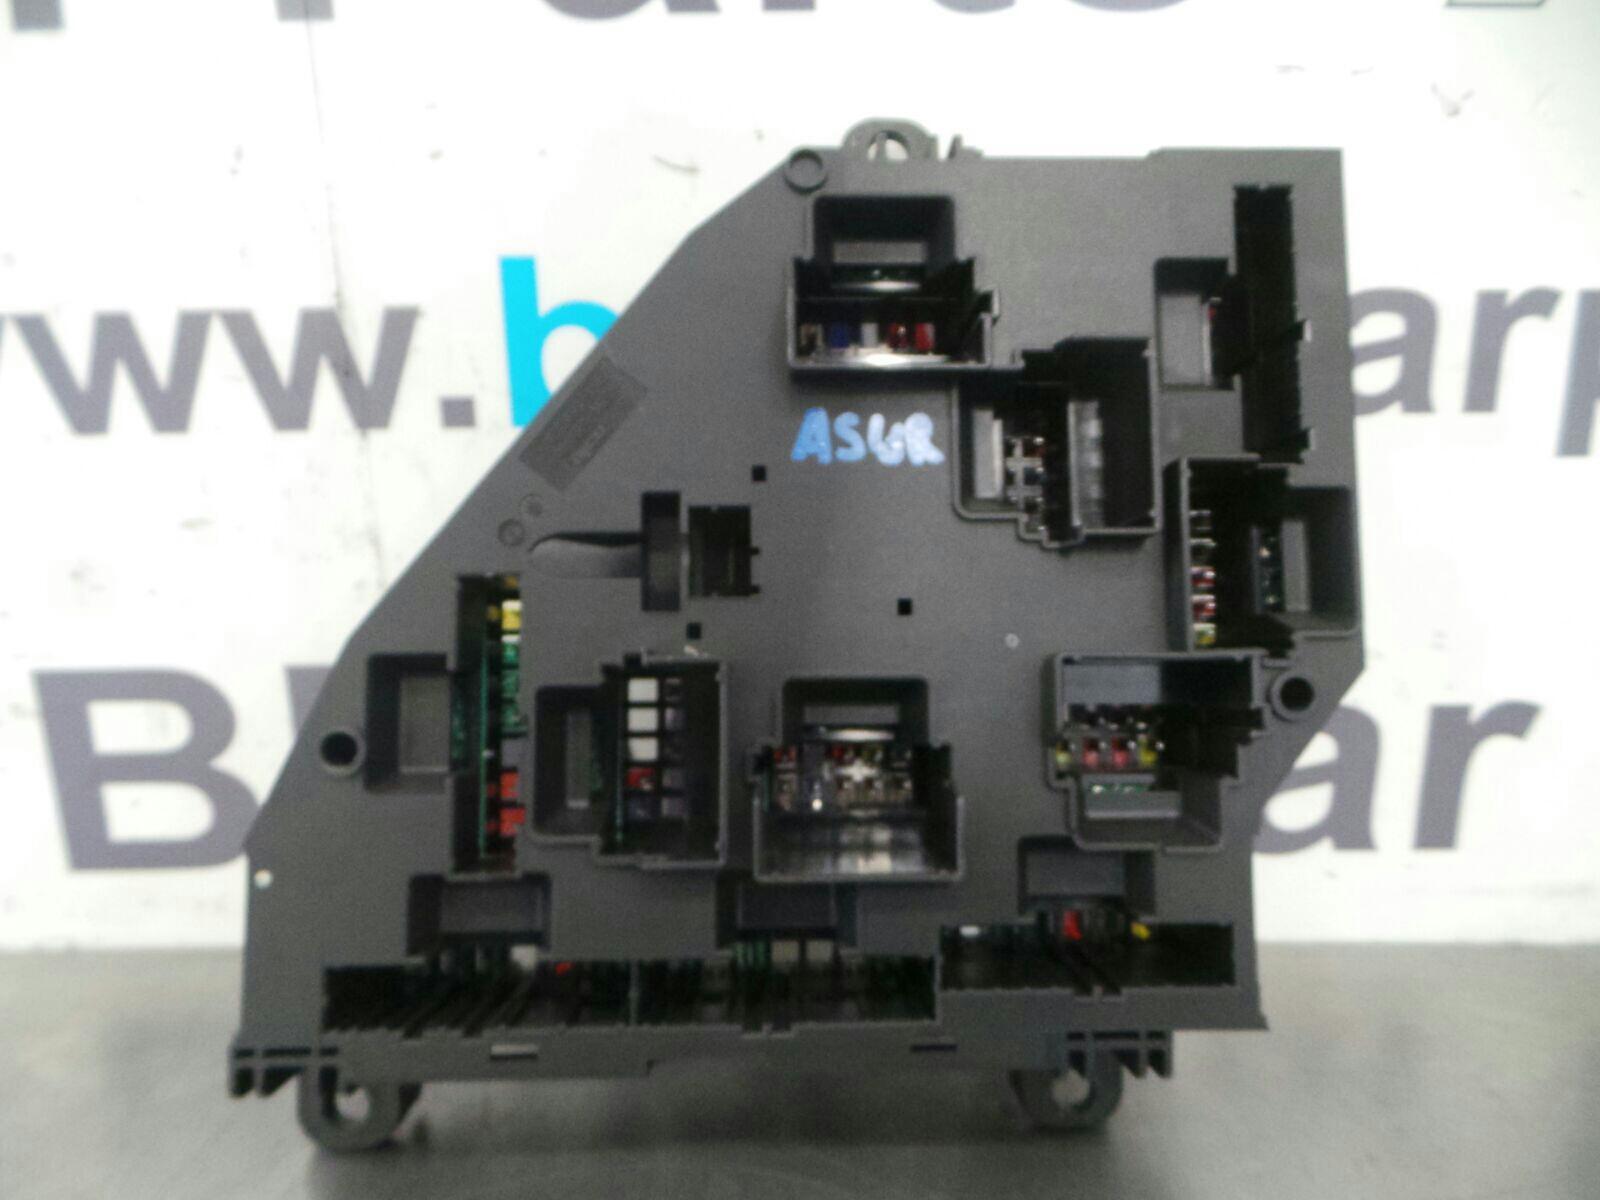 Bmw 5 Series F10 Fuse Box - All Wiring Diagram Fuse Box Bmw F on bmw f10 steering wheel, bmw f10 engine, mazda fuse box, audi tt fuse box, mercedes benz fuse box, lamborghini gallardo fuse box,